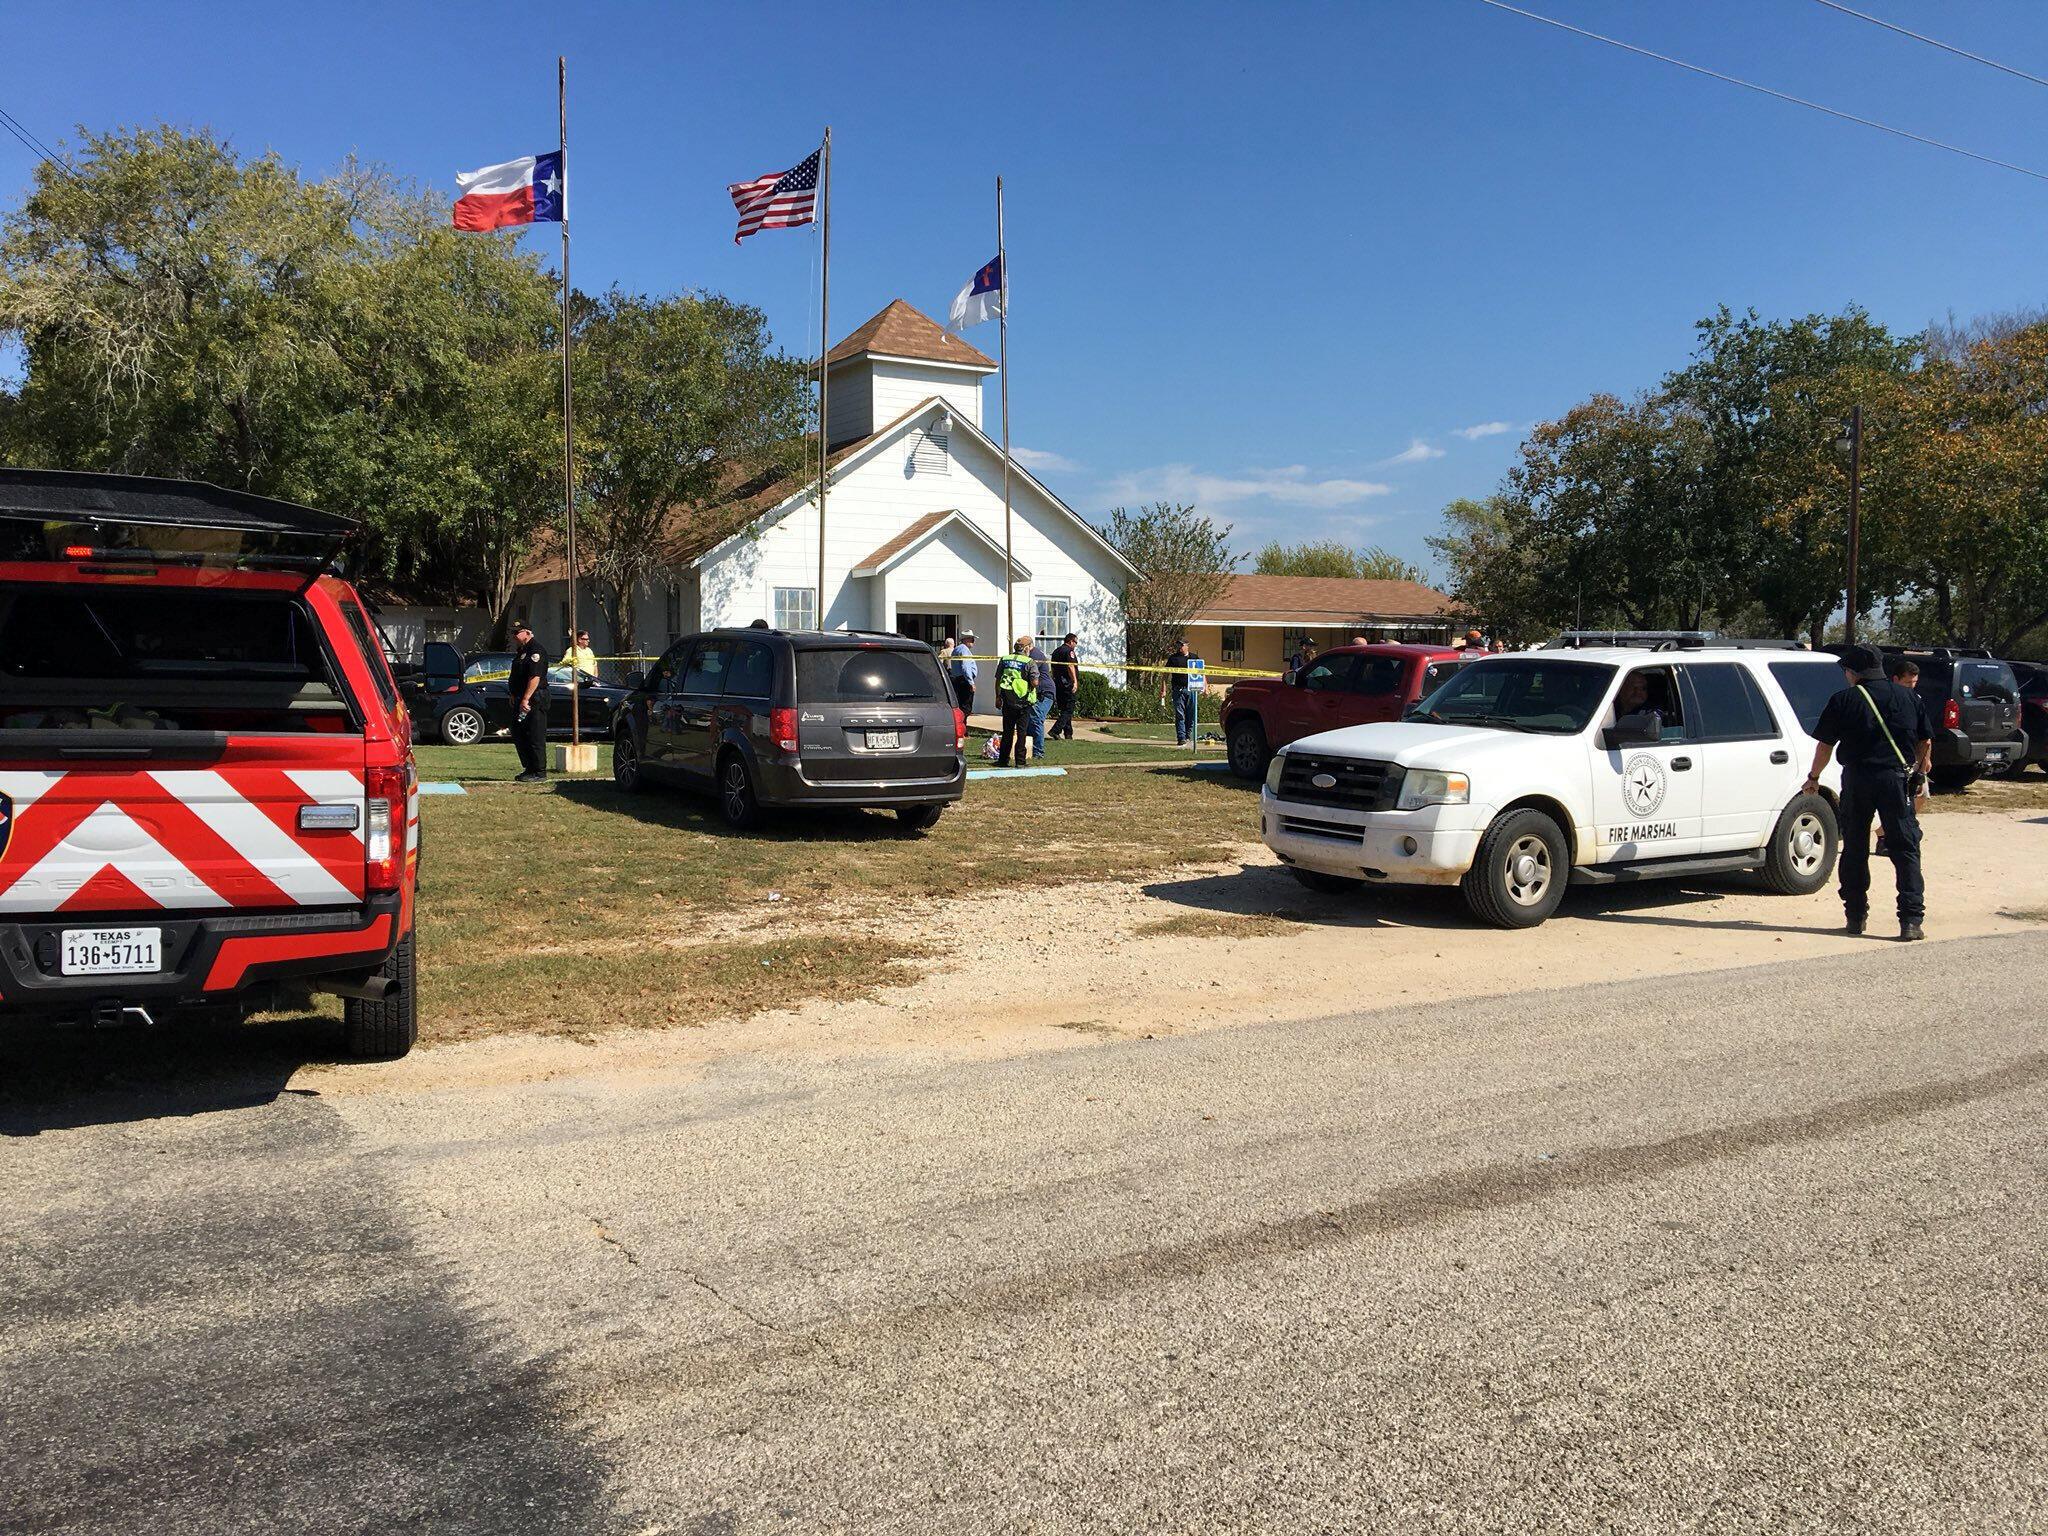 Nhà thờ thị trấn Sutherland Springs, Texas, Hoa Kỳ, nơi xẩy ra vụ nổ súng làm 26 người chết, ngày 5/11/2017.